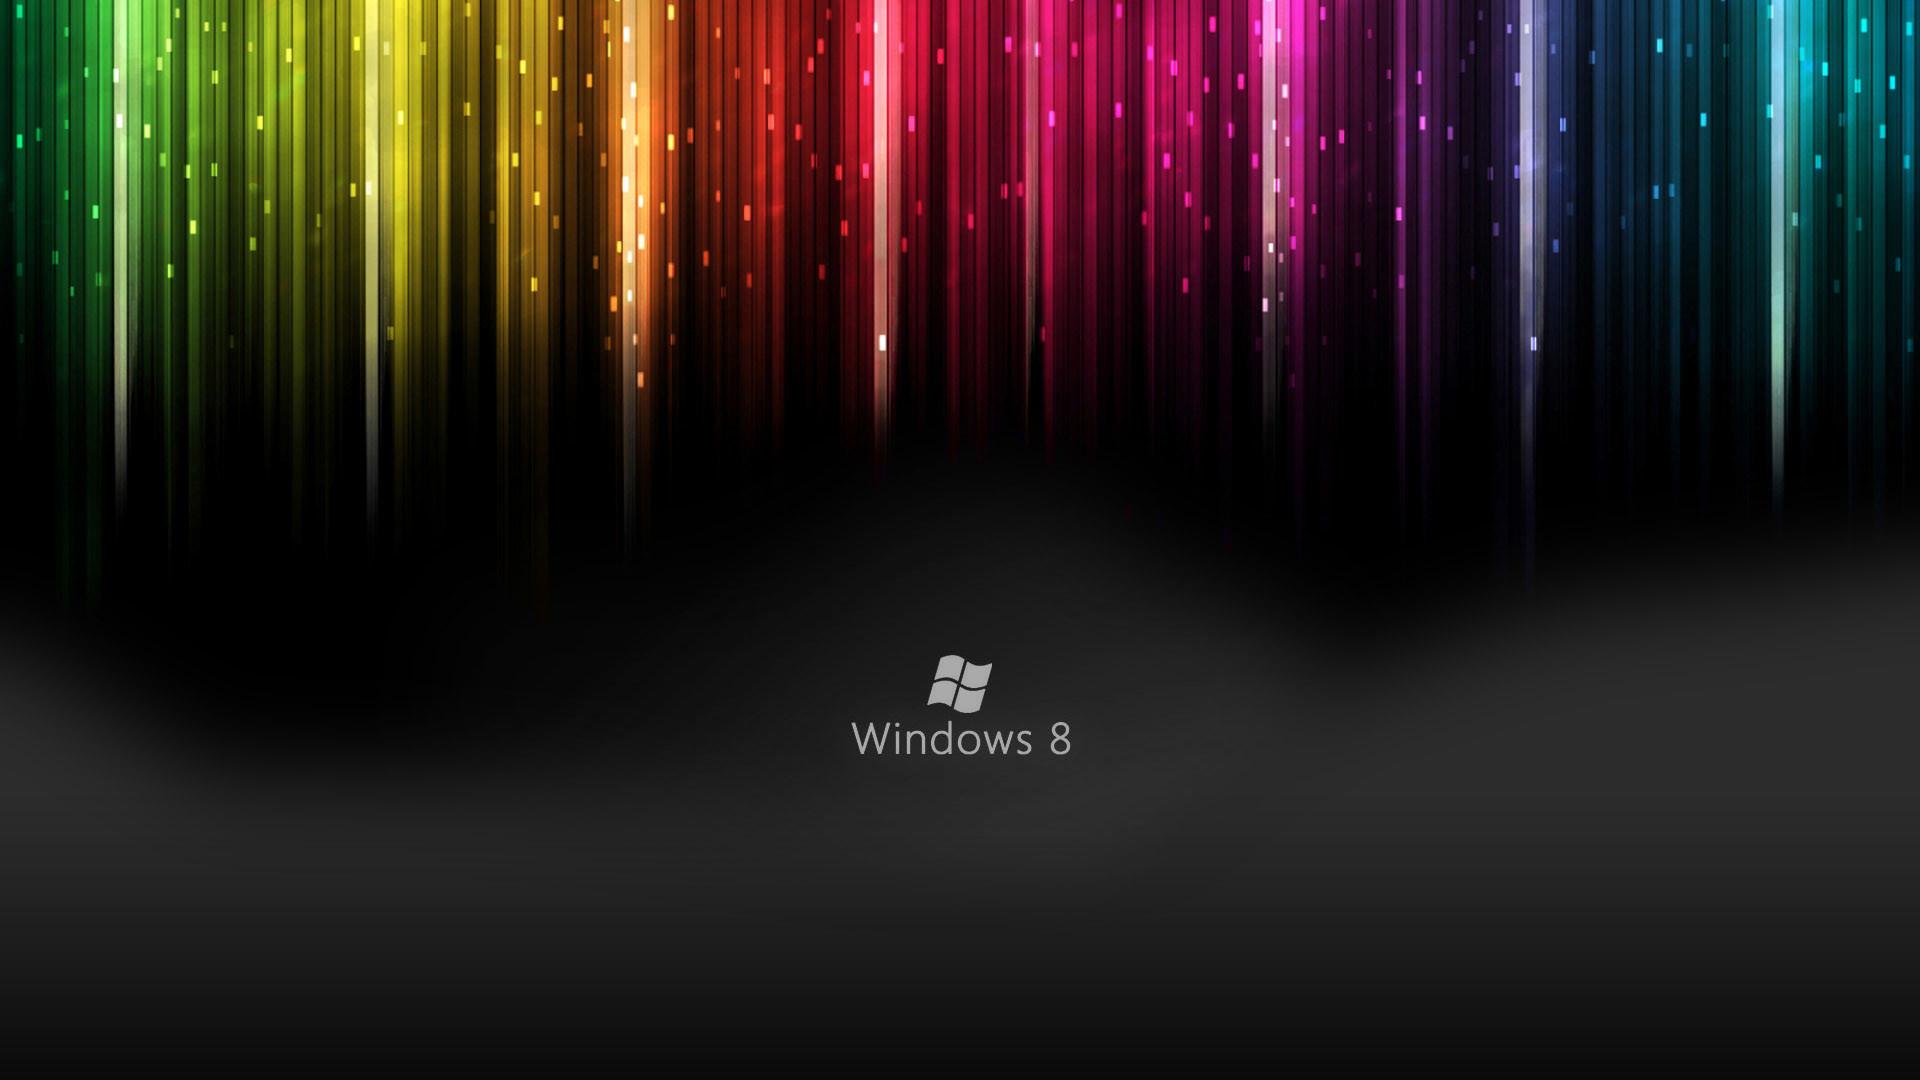 Windows 8 Live Wallpapers HD Wallpaper of Windows – hdwallpaper2013 .